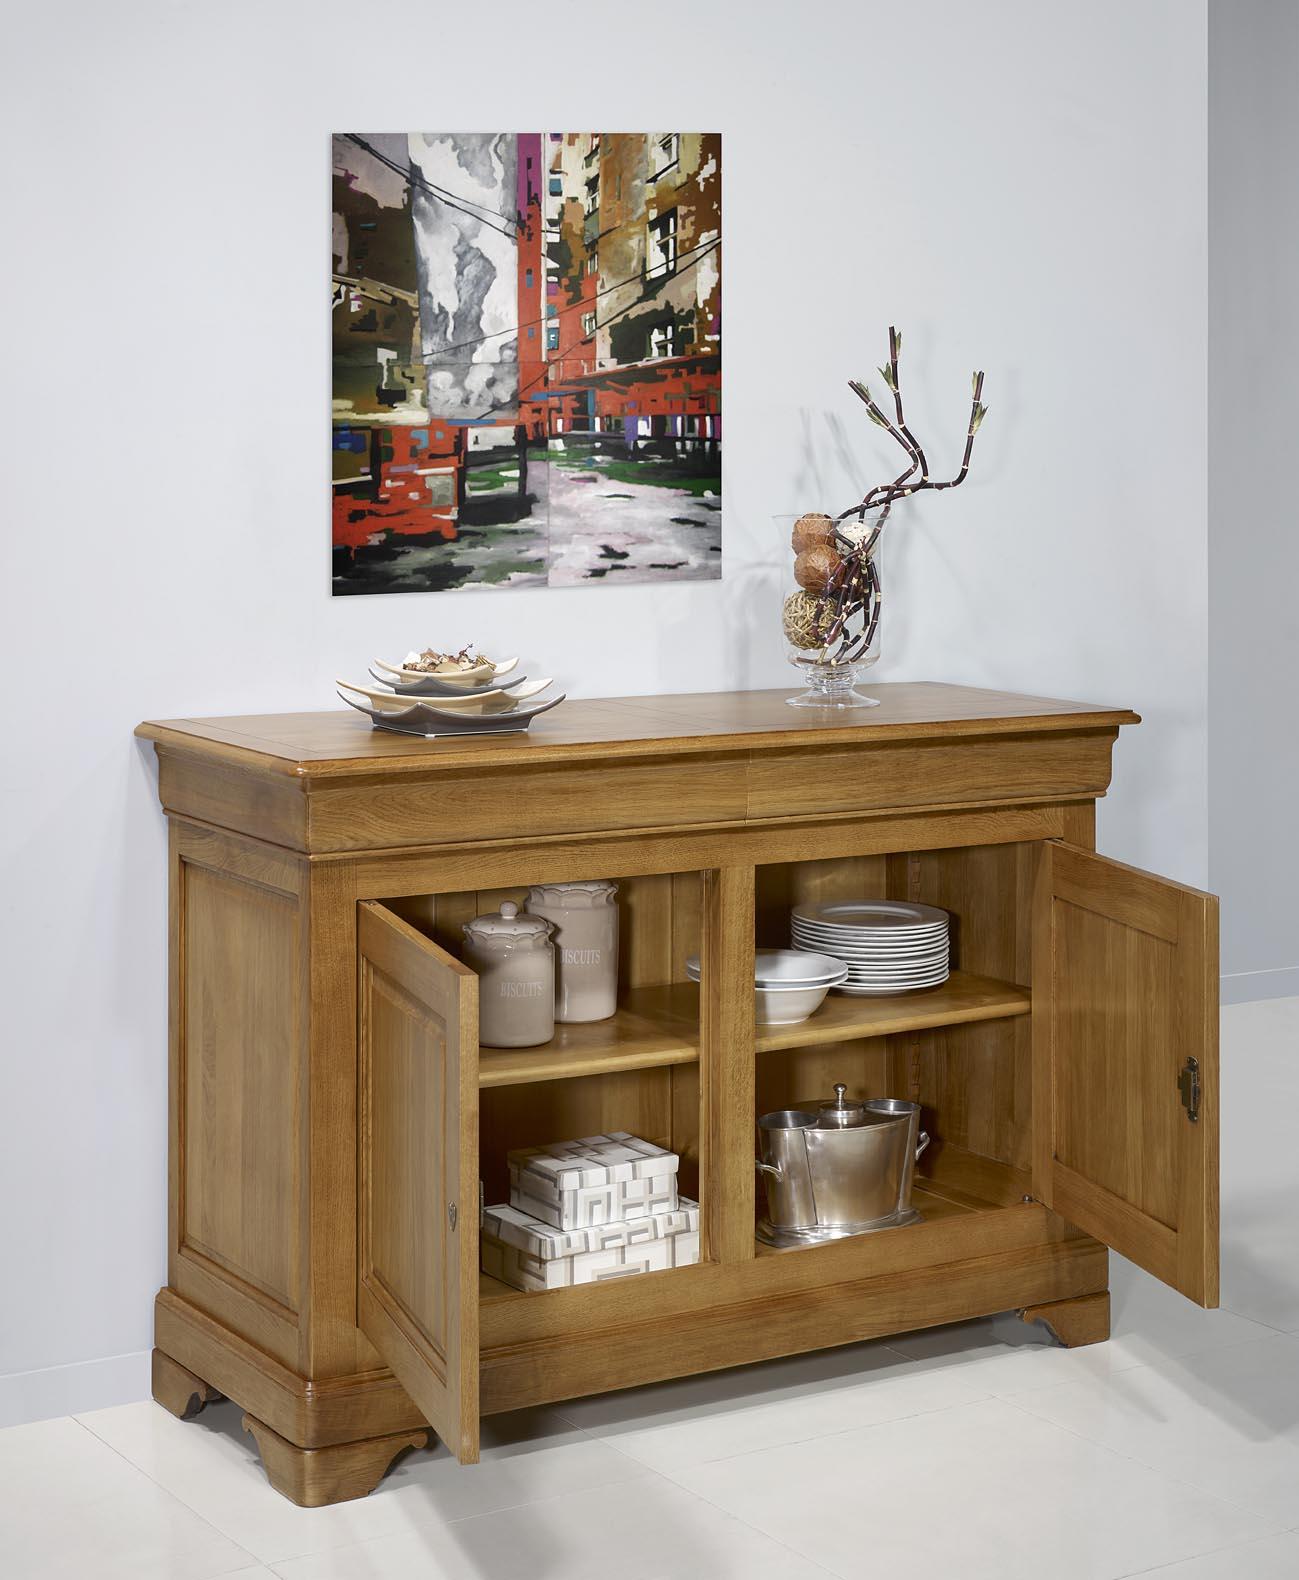 buffet 2 portes en ch ne massif de style louis philippe meuble en ch ne massif. Black Bedroom Furniture Sets. Home Design Ideas